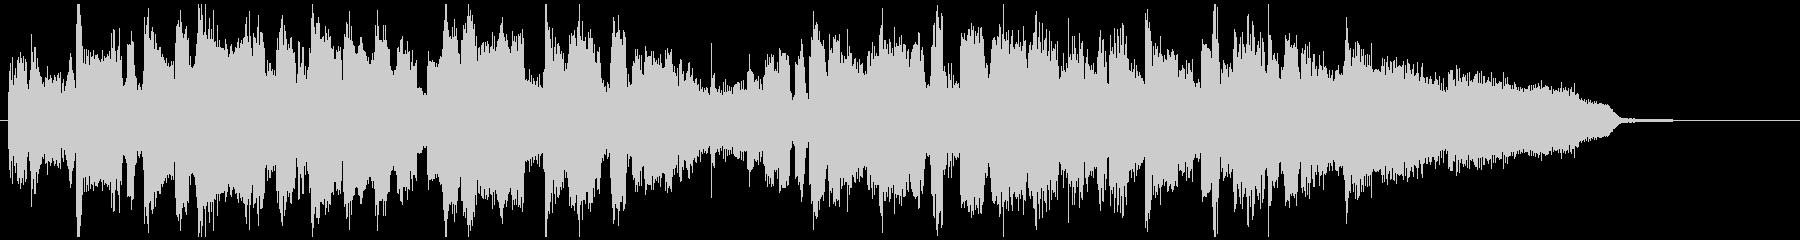 15秒CM向け■ジャズ、明るい、始まりの未再生の波形